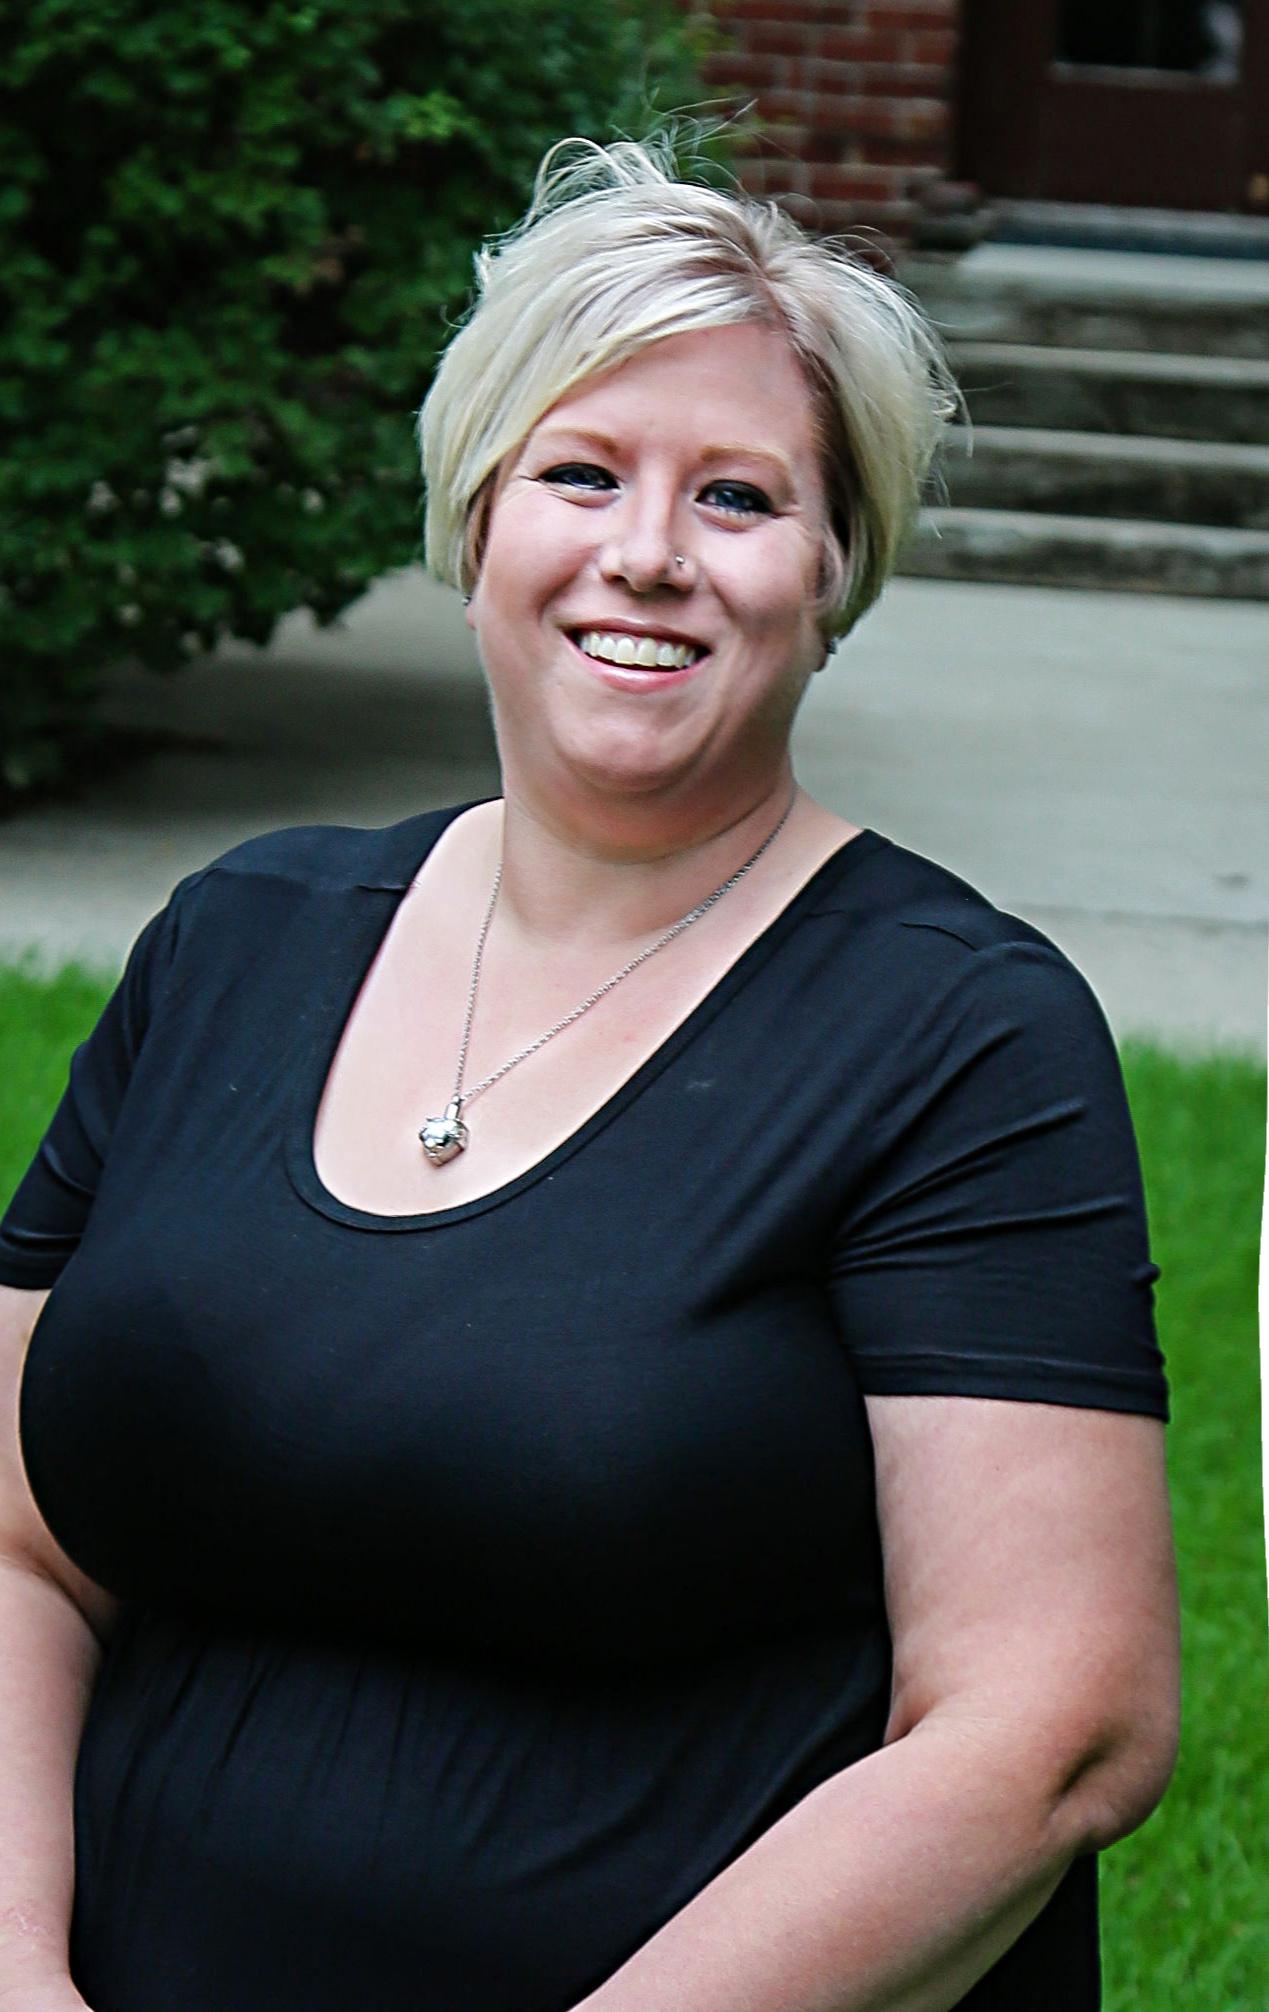 Samantha Lehr